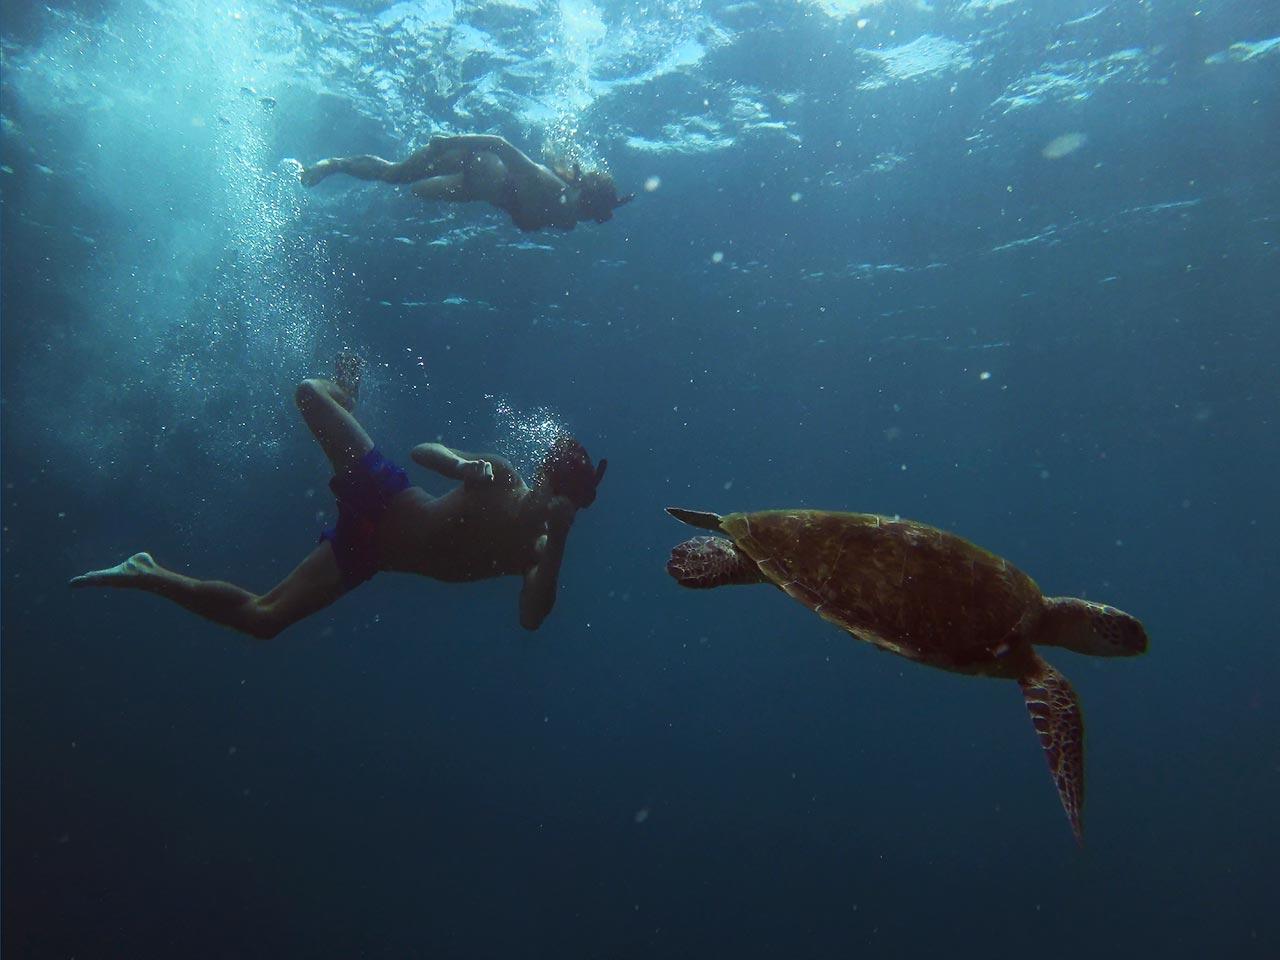 Valentin und Jasmin beim Schnorcheln mit einer Meeresschildkröte